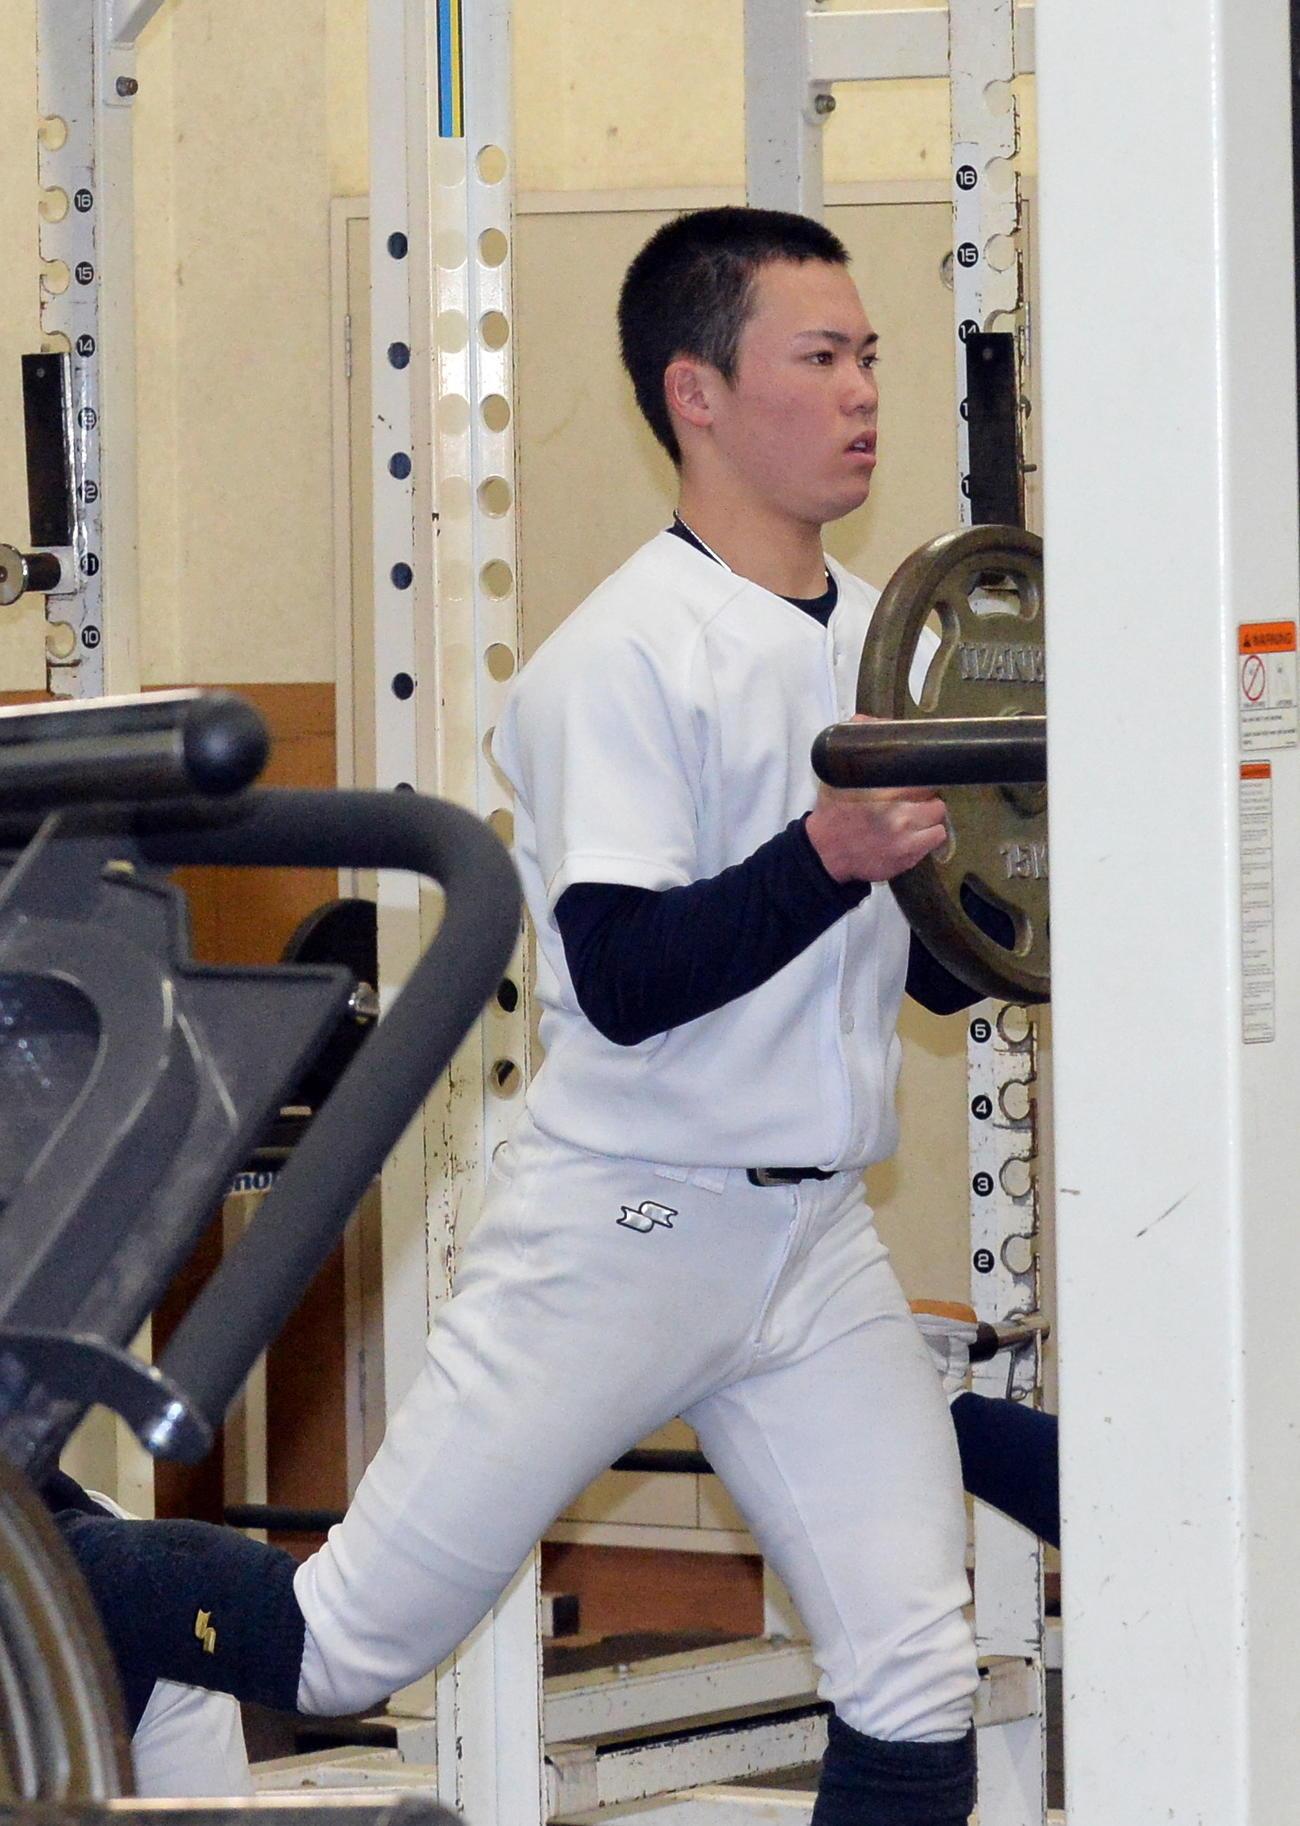 ウエートトレーニングで汗を流す八戸西・宮崎(撮影・佐藤究)